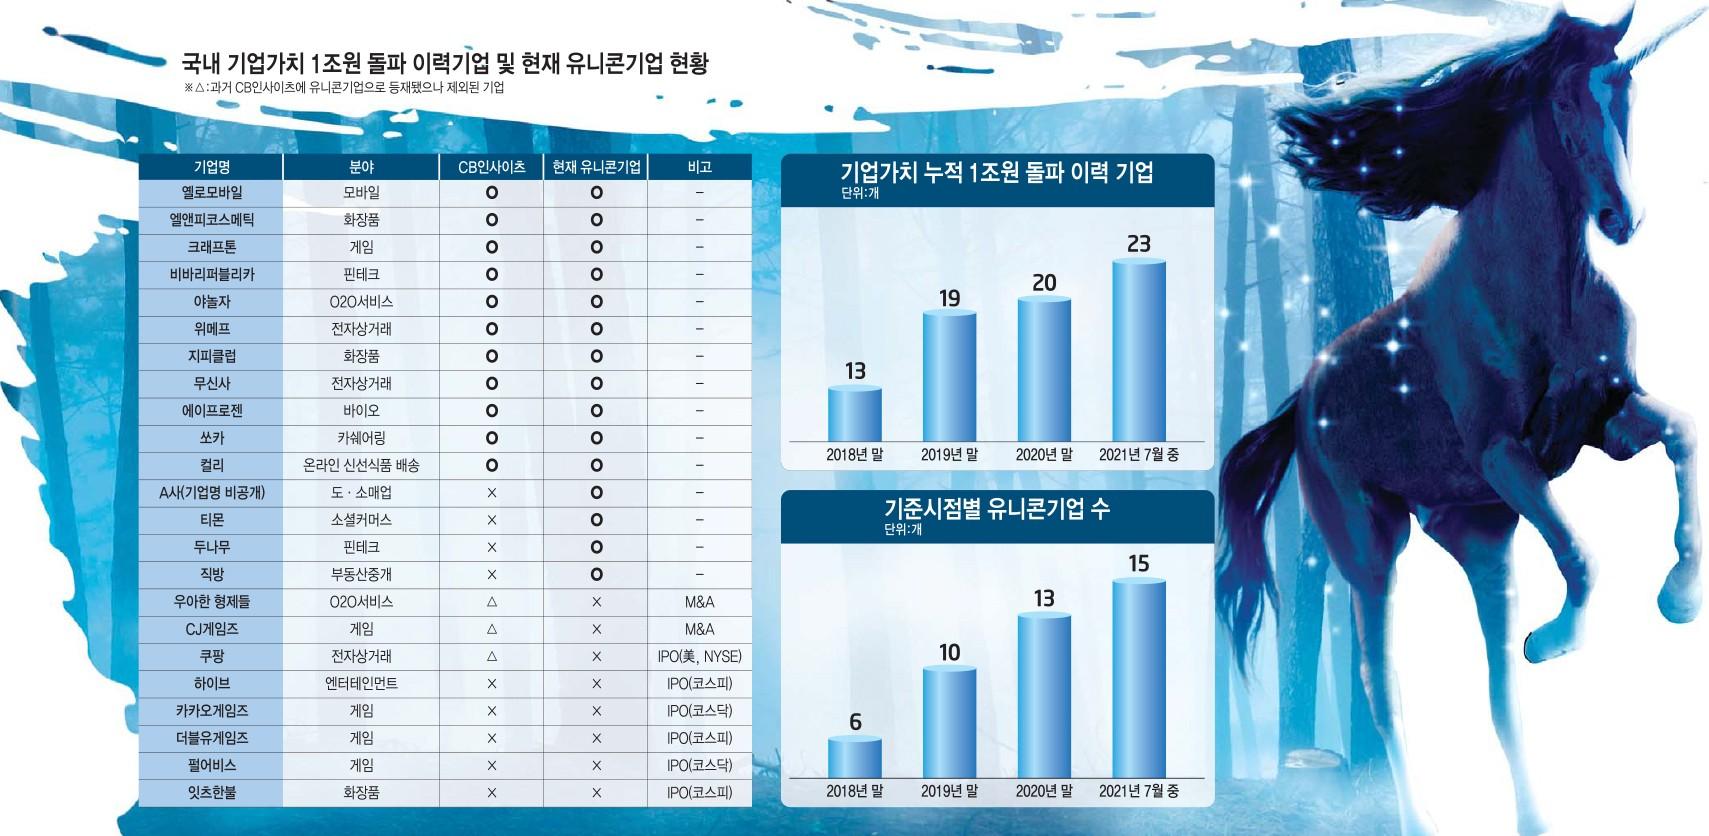 [이슈분석]'성장성 입증' 몸값 고공행진…유니콘 넘어 '데카콘' 전력 질주